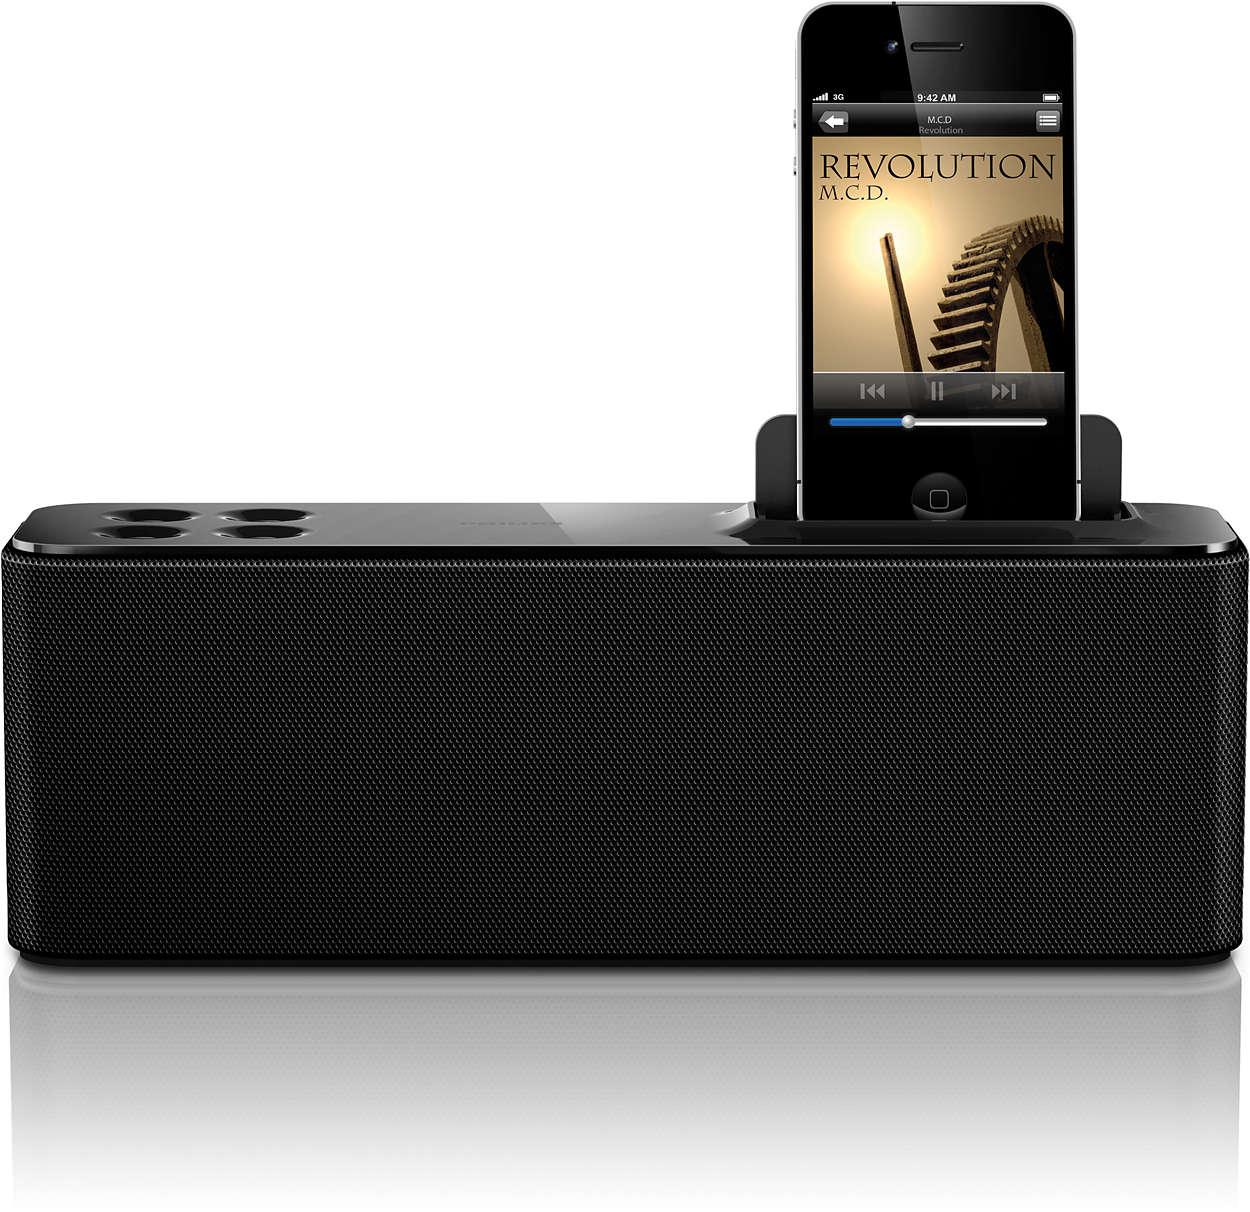 Nyt musikk fra iPod/iPhone